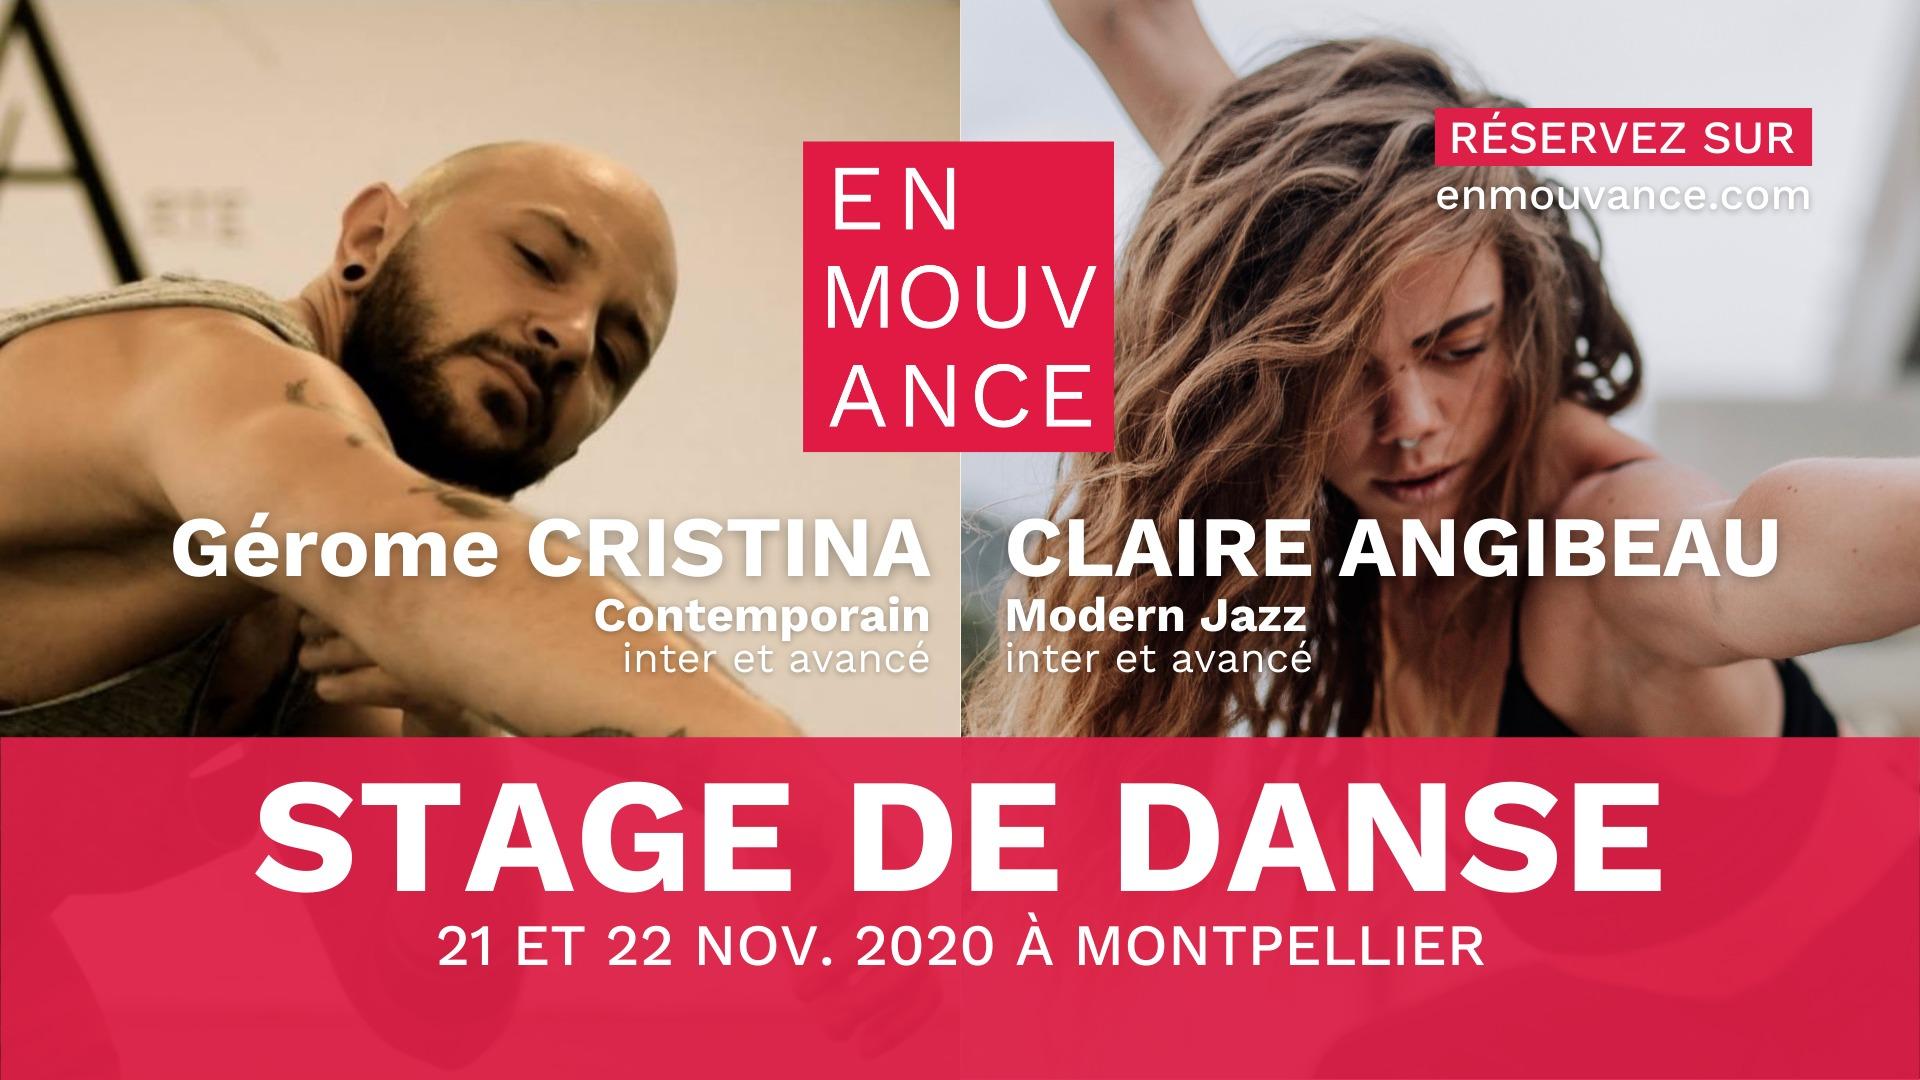 Stage de danse Gérome Cristina et Claire Angibeau